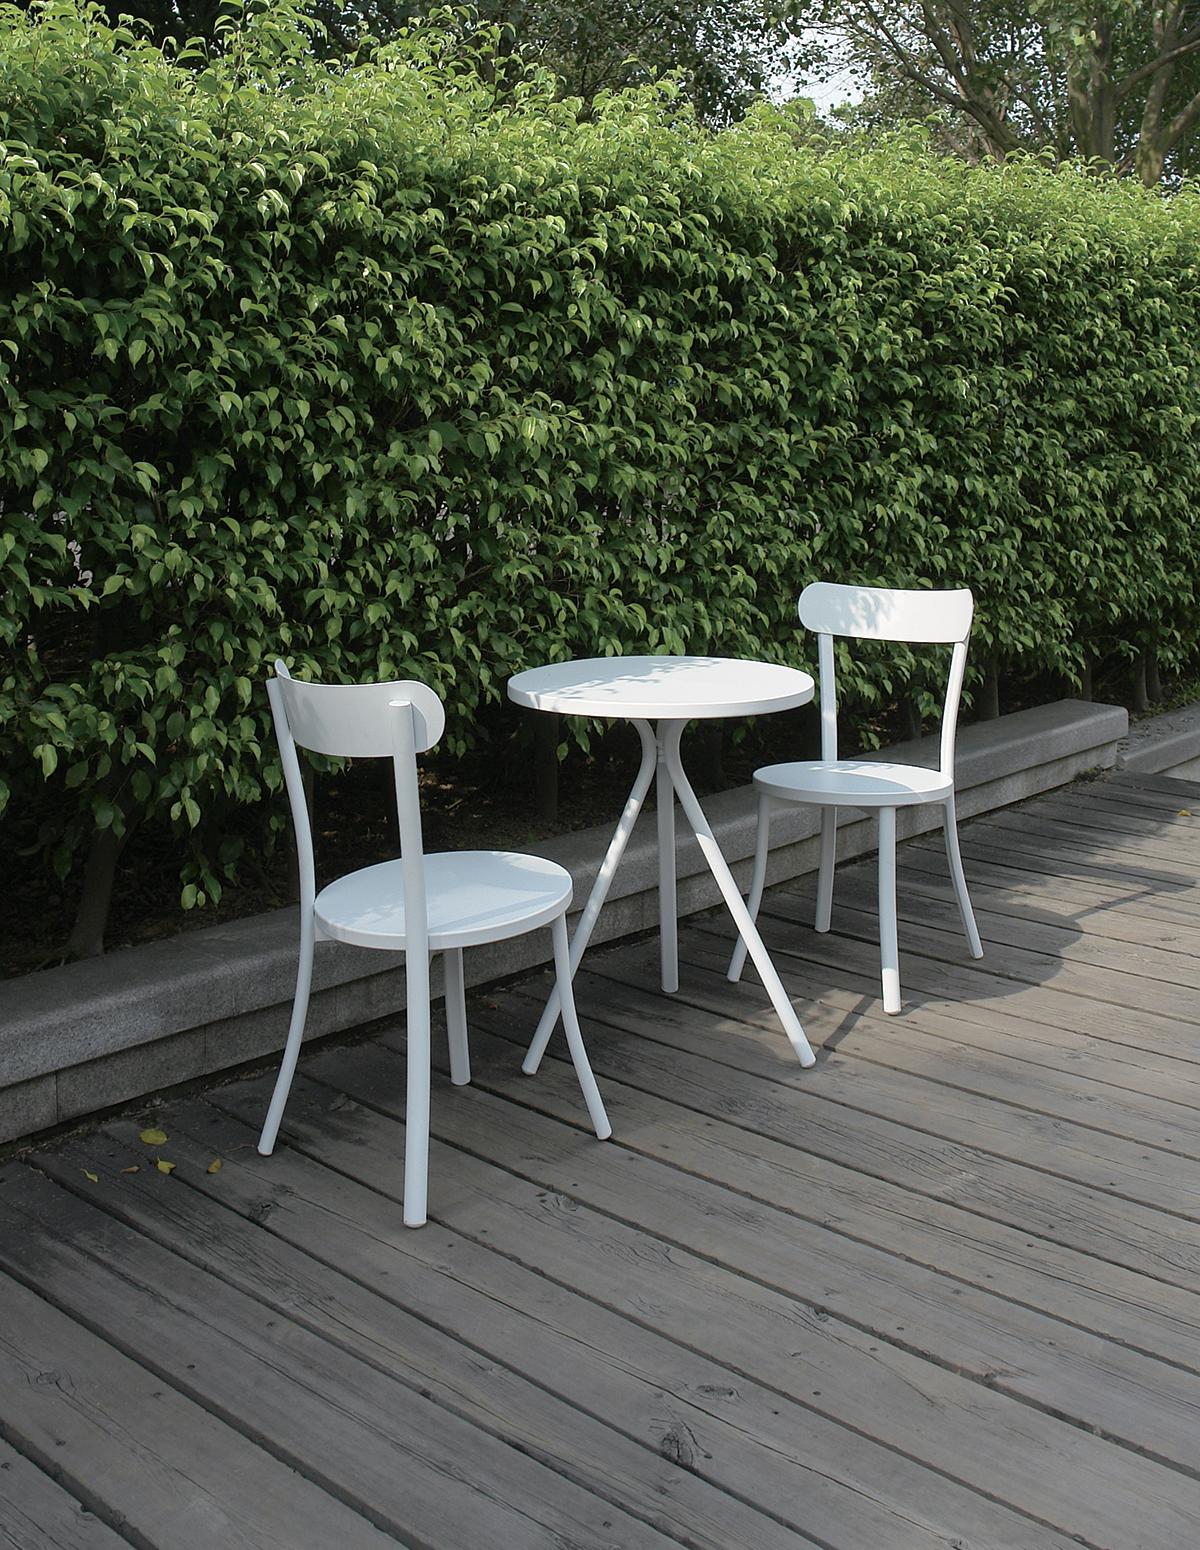 Chaise Marbella Bois Mobilier De Jardin Meuble Design Int Rieur Ext Rieur